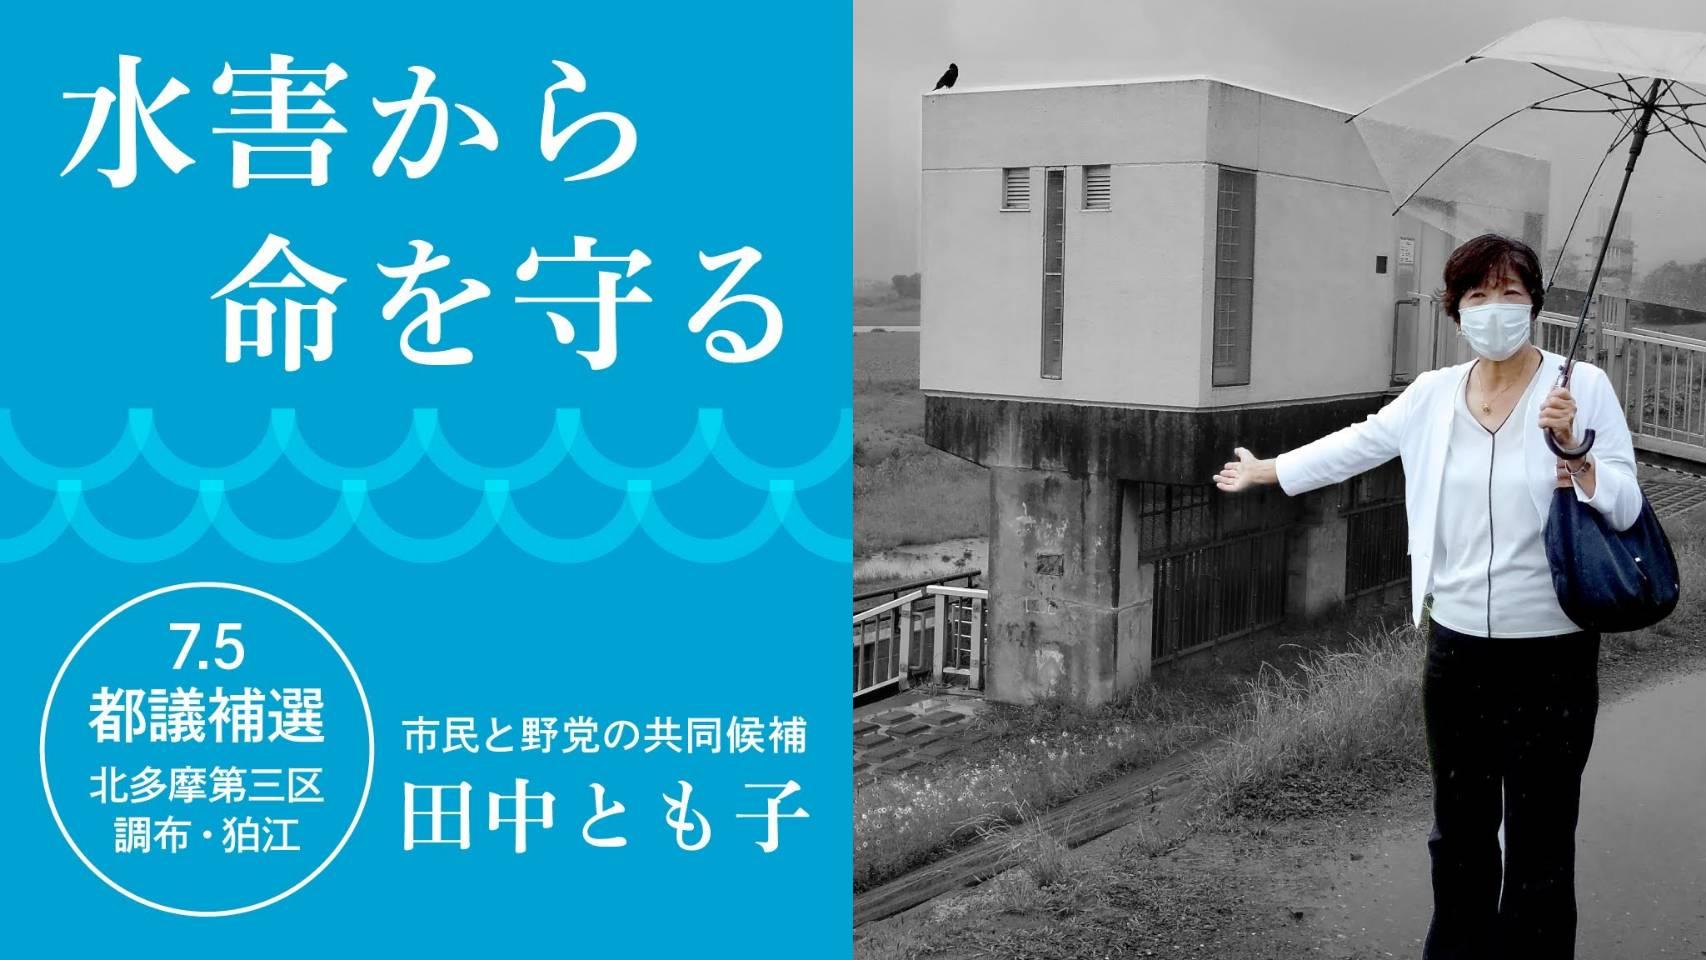 【田中とも子政策動画】水害から命を守る